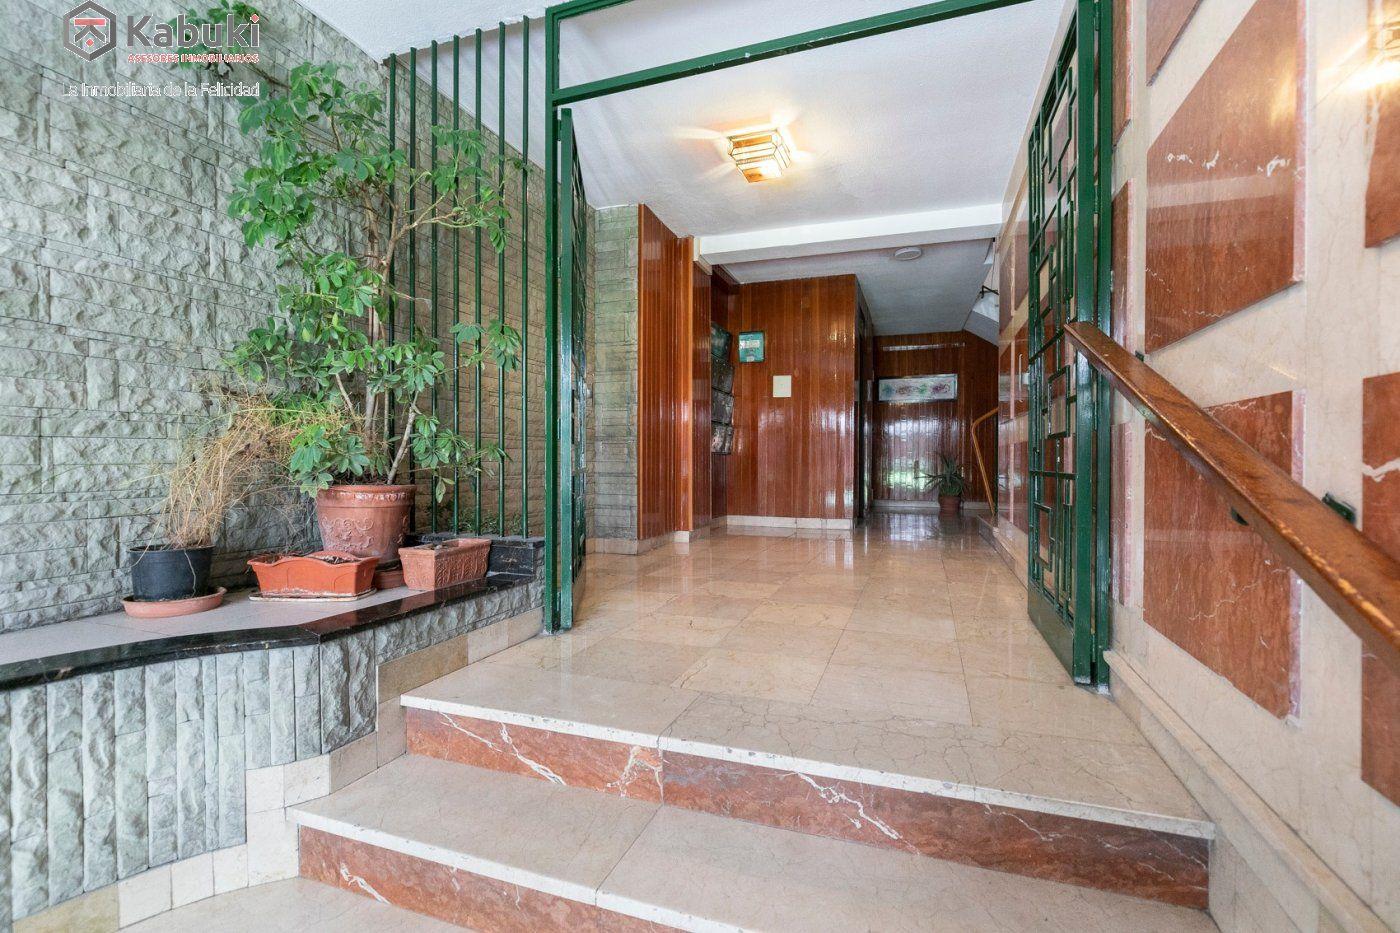 Bonito piso en ubicación inmejorable. entre gran vía y facultad de derecho - imagenInmueble12